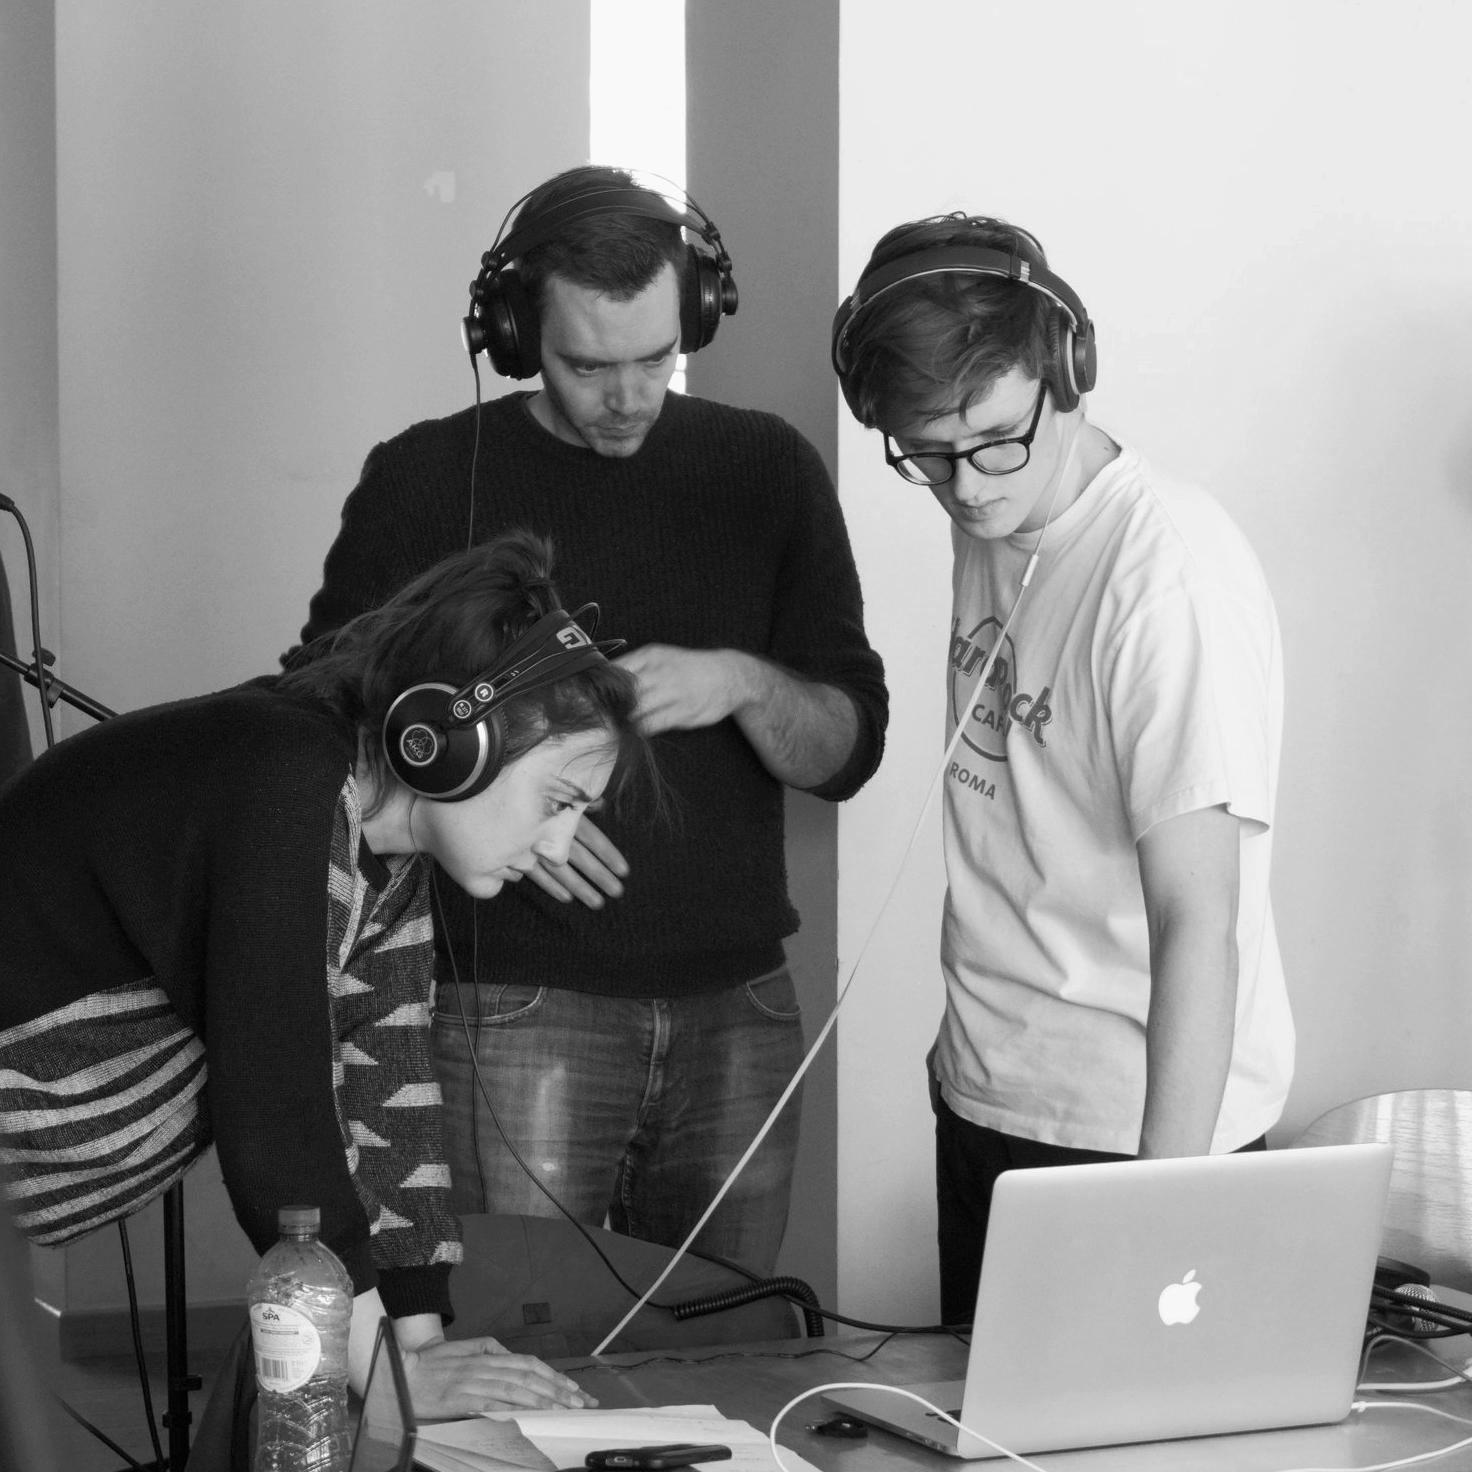 Opleiding muziekproductie: luisteren